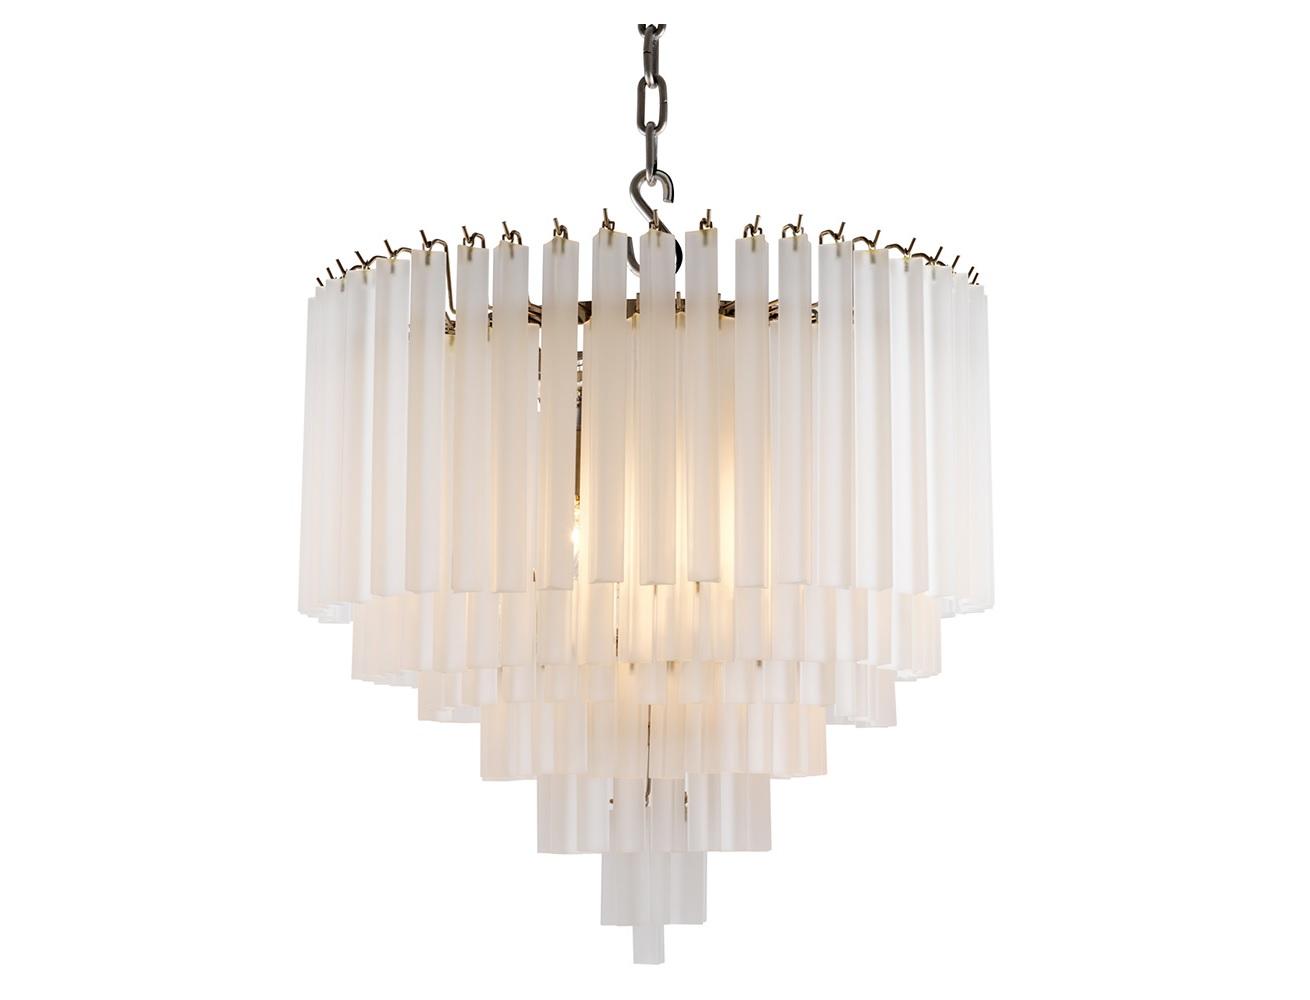 Подвесная люстра NovaЛюстры подвесные<br>Подвесной светильник из коллекции Nova на никелированной арматуре. Плафон выполнен из многоуровневых пластин из стекла матового белого цвета. Высота светильника регулируется за счет звеньев цепи.&amp;lt;div&amp;gt;&amp;lt;br&amp;gt;&amp;lt;/div&amp;gt;&amp;lt;div&amp;gt;&amp;lt;div&amp;gt;Вид цоколя: E14&amp;lt;/div&amp;gt;&amp;lt;div&amp;gt;Мощность лампы: 40W&amp;lt;/div&amp;gt;&amp;lt;div&amp;gt;Количество ламп: 9&amp;lt;/div&amp;gt;&amp;lt;div&amp;gt;&amp;lt;br&amp;gt;&amp;lt;/div&amp;gt;&amp;lt;div&amp;gt;Лампочки в комплект не входят.&amp;lt;/div&amp;gt;&amp;lt;/div&amp;gt;<br><br>Material: Стекло<br>Height см: 60<br>Diameter см: 60